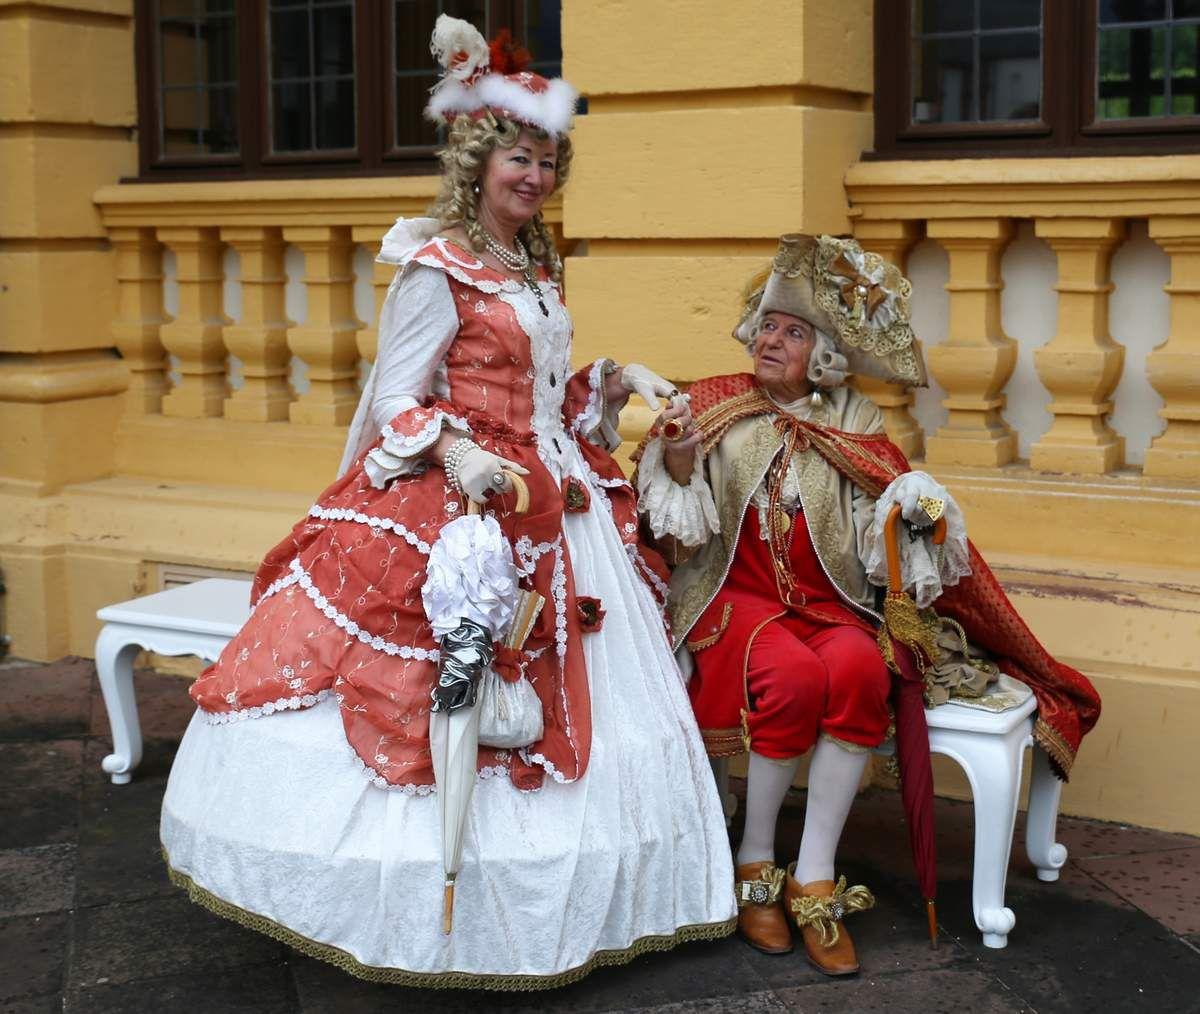 Herzog Johann Ernst aus dem Herzogtum Sachsen-Saalfeld in Thüringen gab sich am Samstagmittag  mit seiner Gattin die Ehre im Veitshöchheimer Hofgarten.